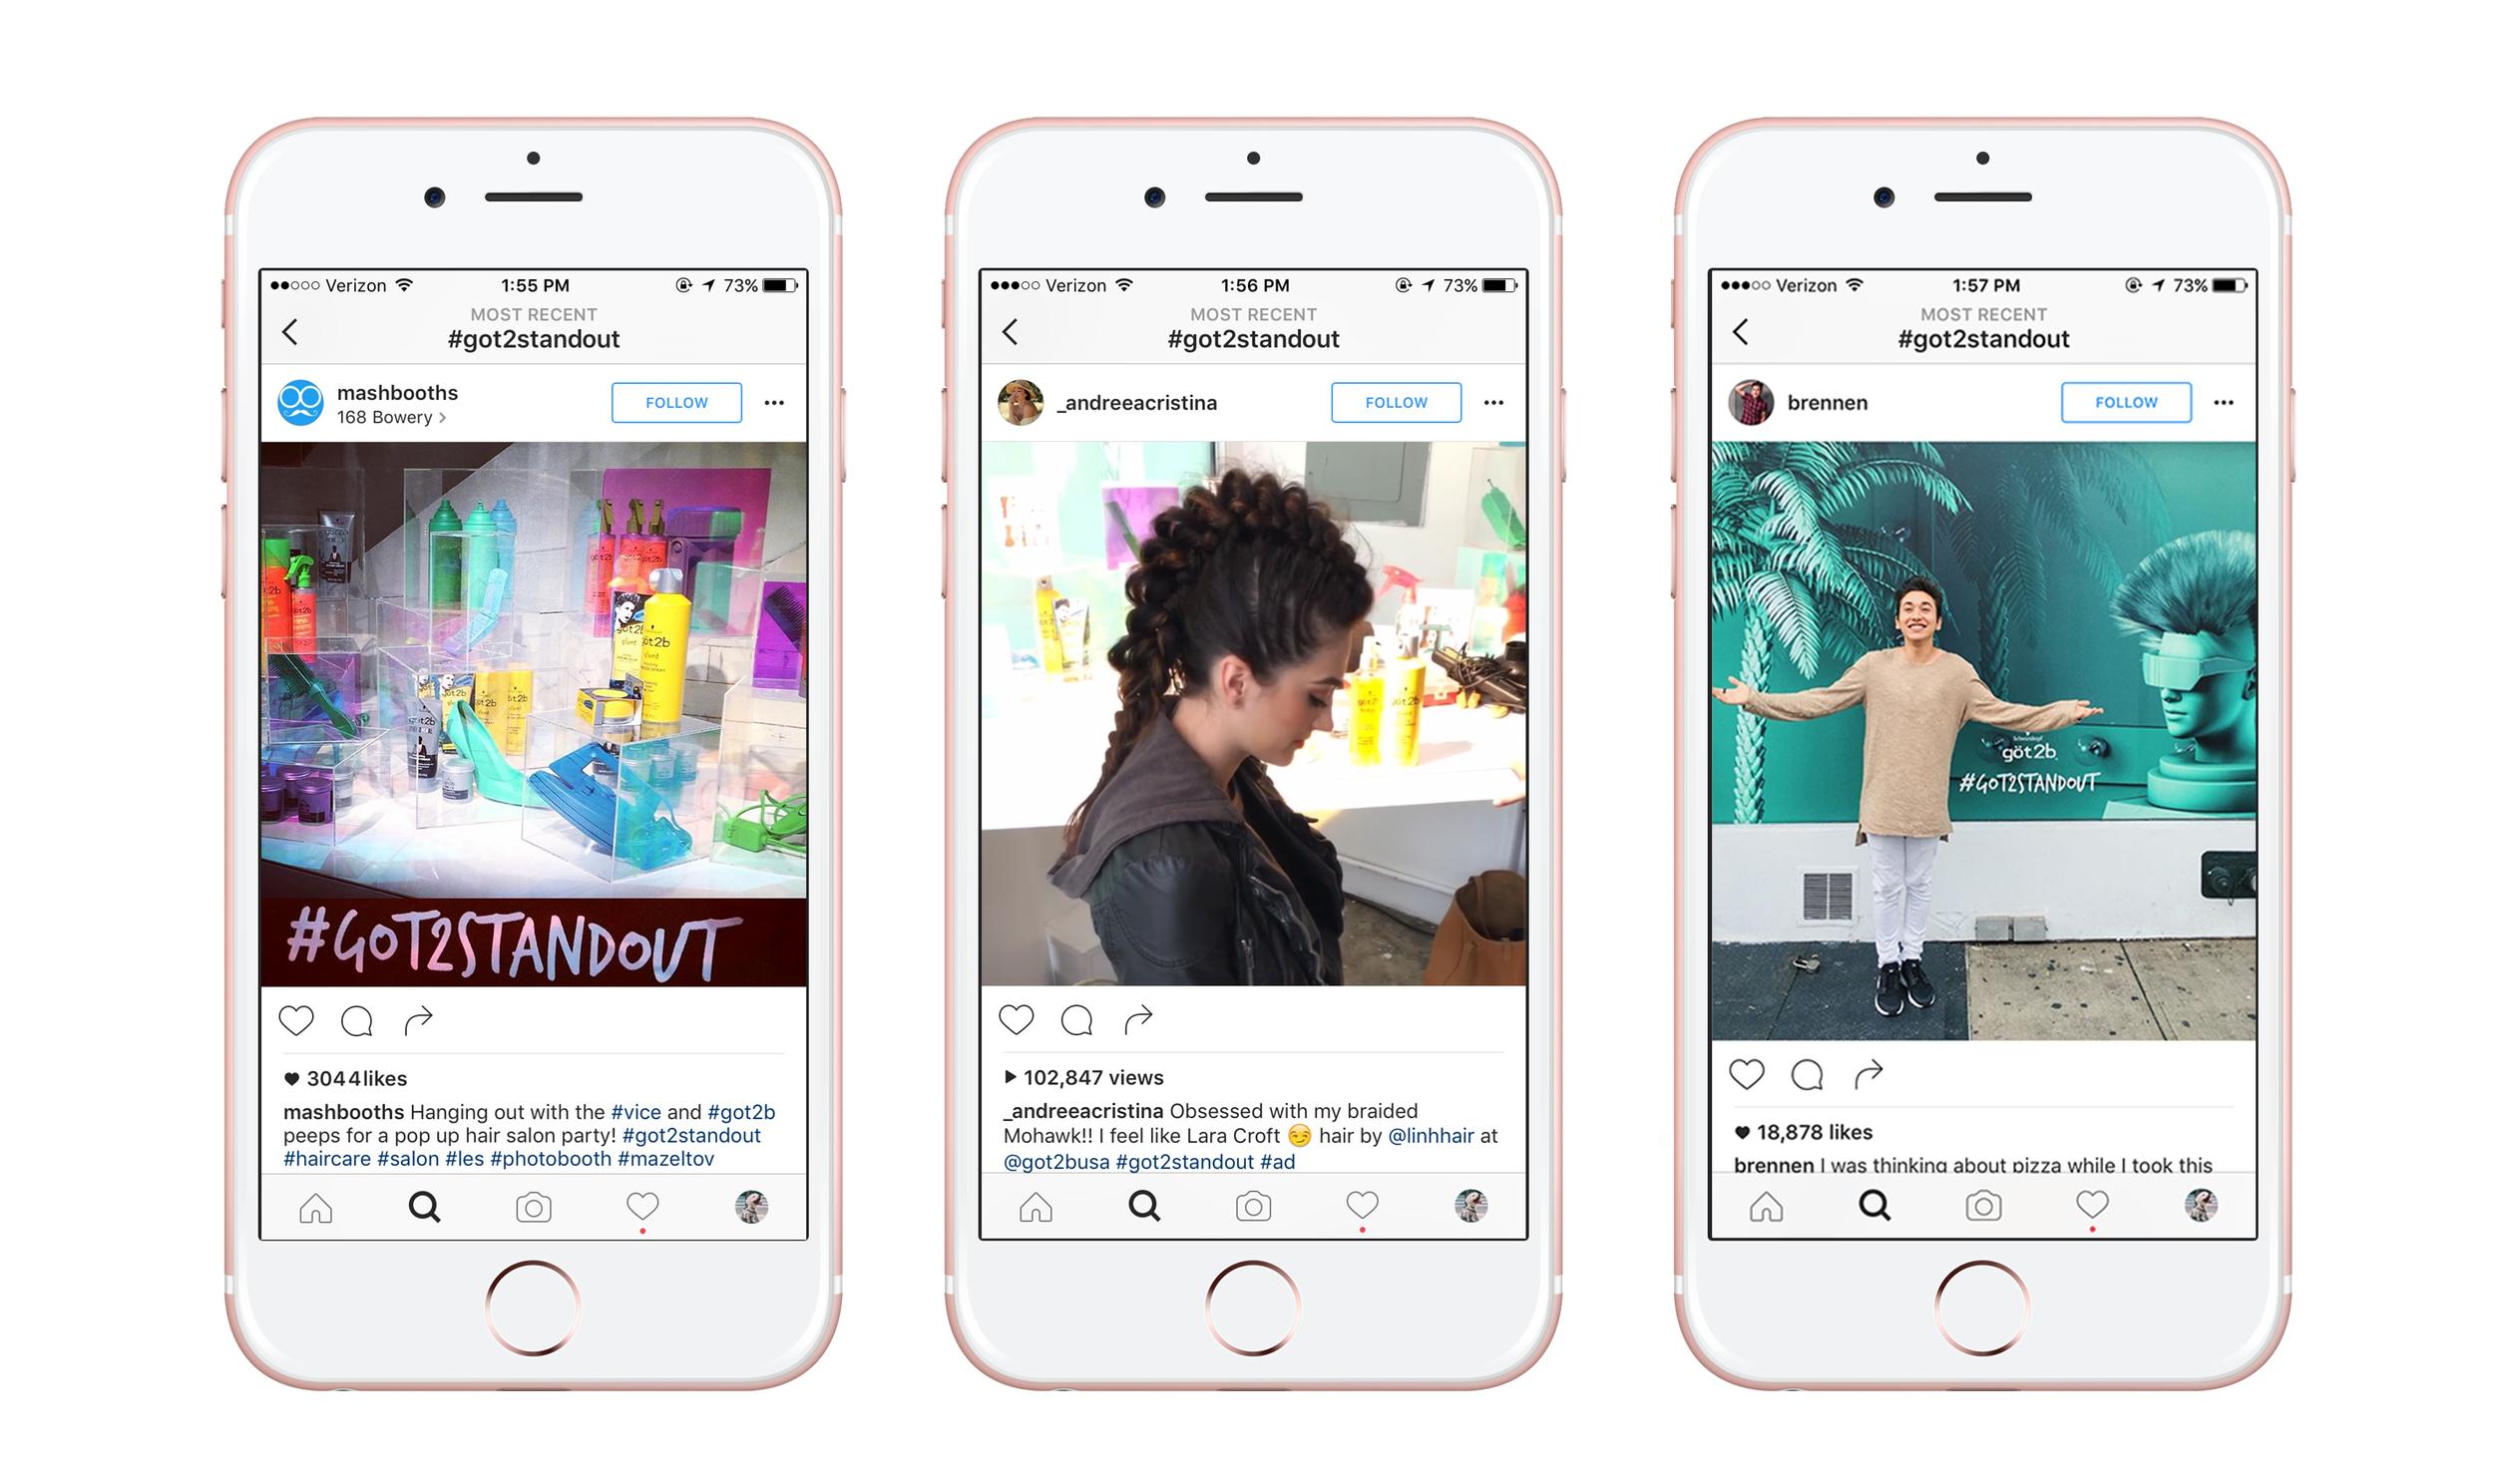 #got2standout Instagram posts